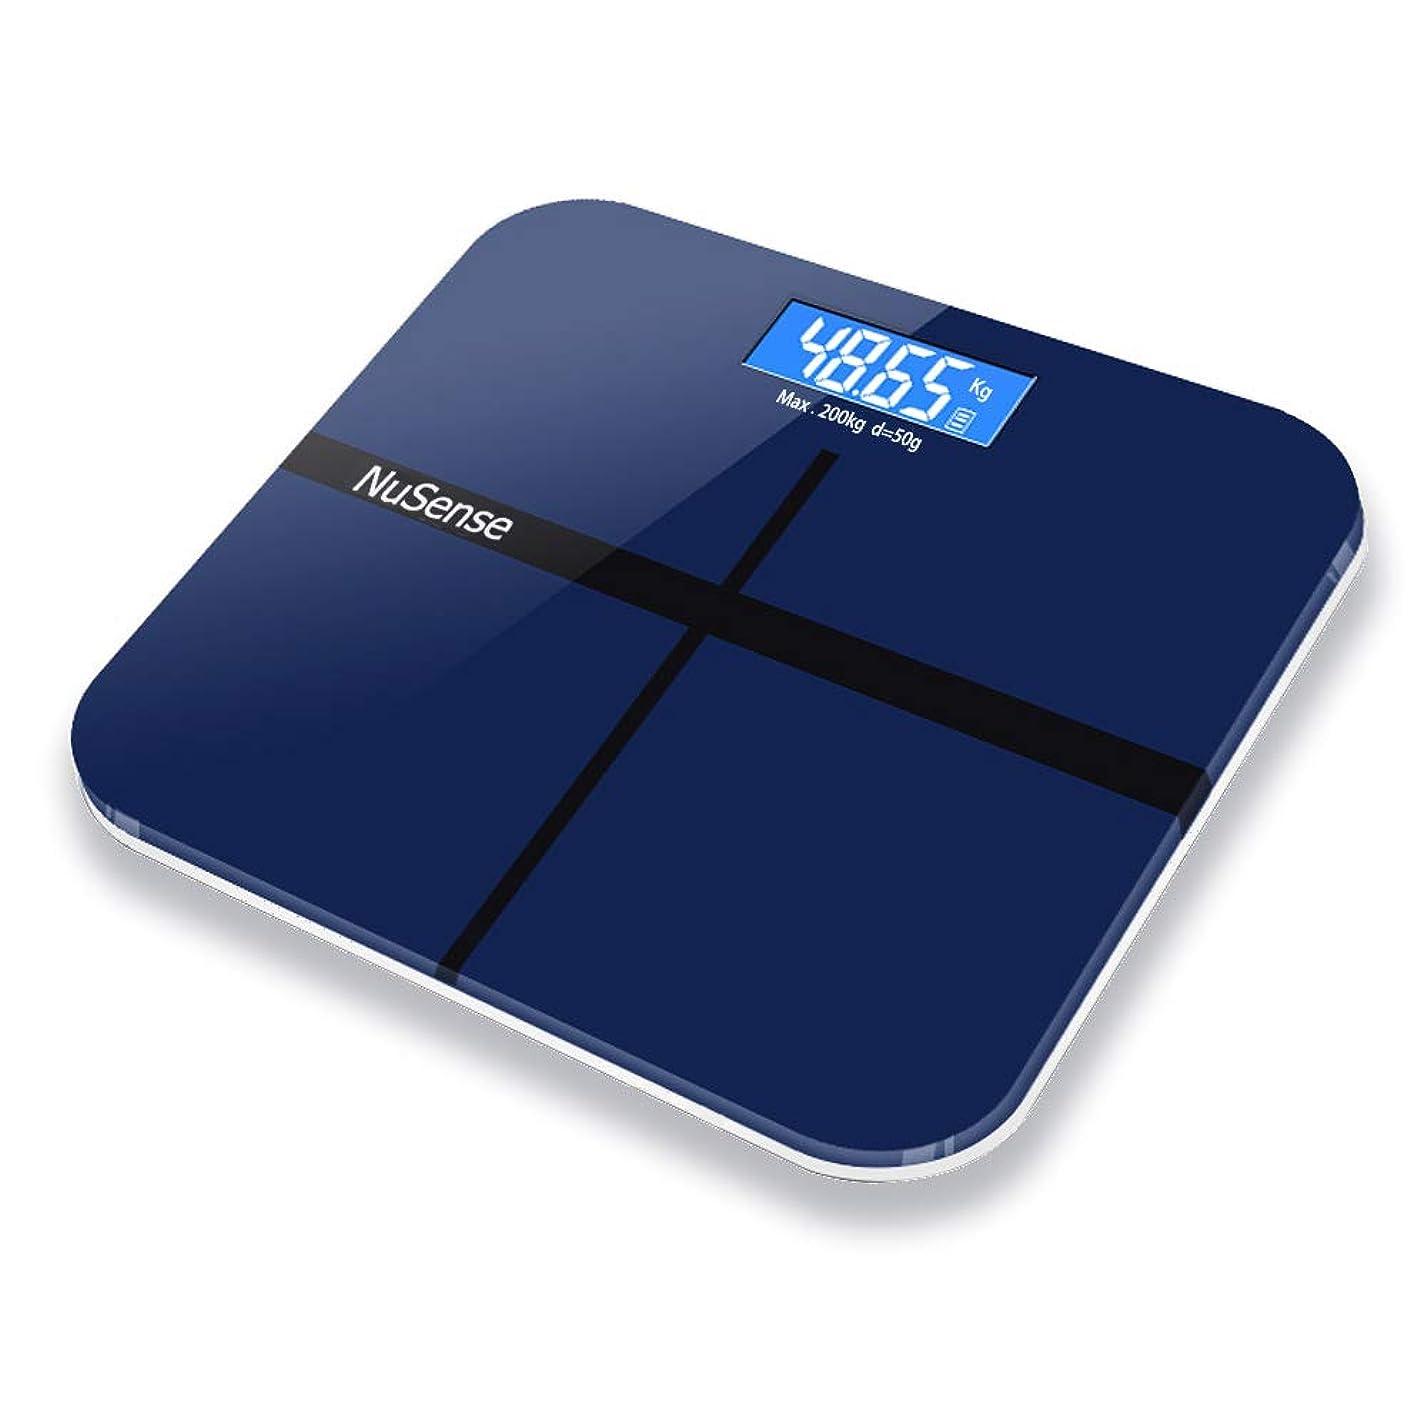 メトロポリタン反抗みがきますNuSense体重計 USB充電式デジタルヘルスメーター電子式はかり ボディースケール高精度スマートデザイン電池不要エコ 200kg計量精度50g (ダークブルー)